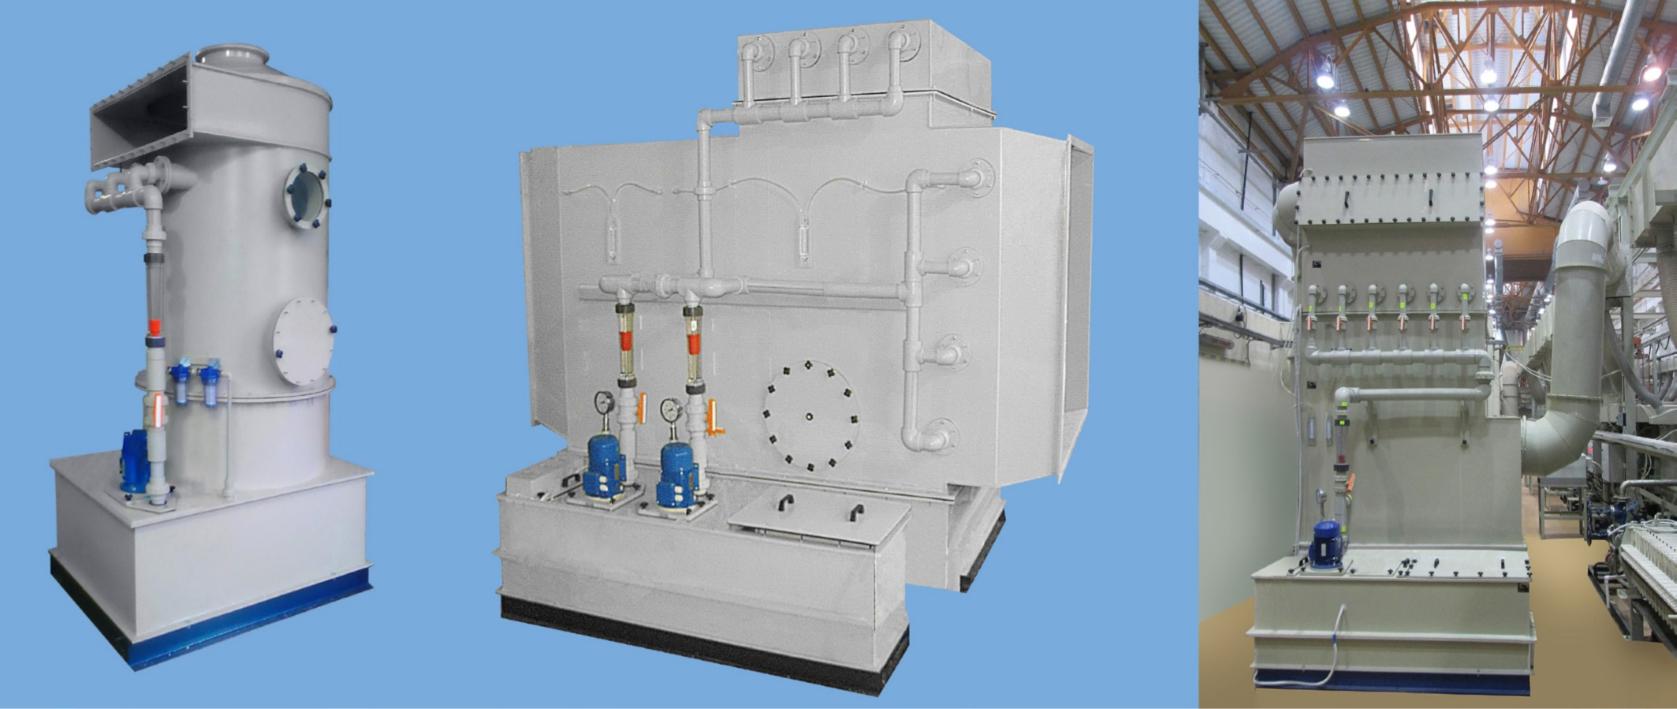 Фильтры-скрубберы с орошаемой насадкой – для очистки воздуха от газов, паров кислот, аэрозолей кислот, щелочей и солей: ФВГ-П-М-ЭЛСТАТ-КО, ФВГ-П-М-ЭЛСТАТ-С-Ц и ФВГ-П-М-ЭЛСТАТ-Щ, ФВГ-П-М-ЭЛСТАТ-ИО. Высокоэффективные. Горизонтальные и вертикальные. С пультом управления, программируемым контроллером, измерительными приборами, системой сигнализации, системой автоматического поддержания ph орошающего раствора. Стационарные, встраиваются в вентсистемы.